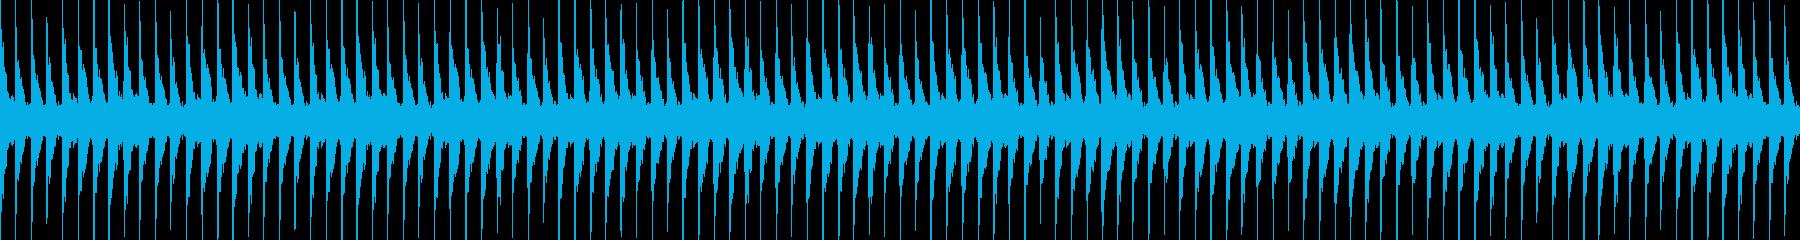 踏切 警告音 電車 レトロ 田舎 田園の再生済みの波形